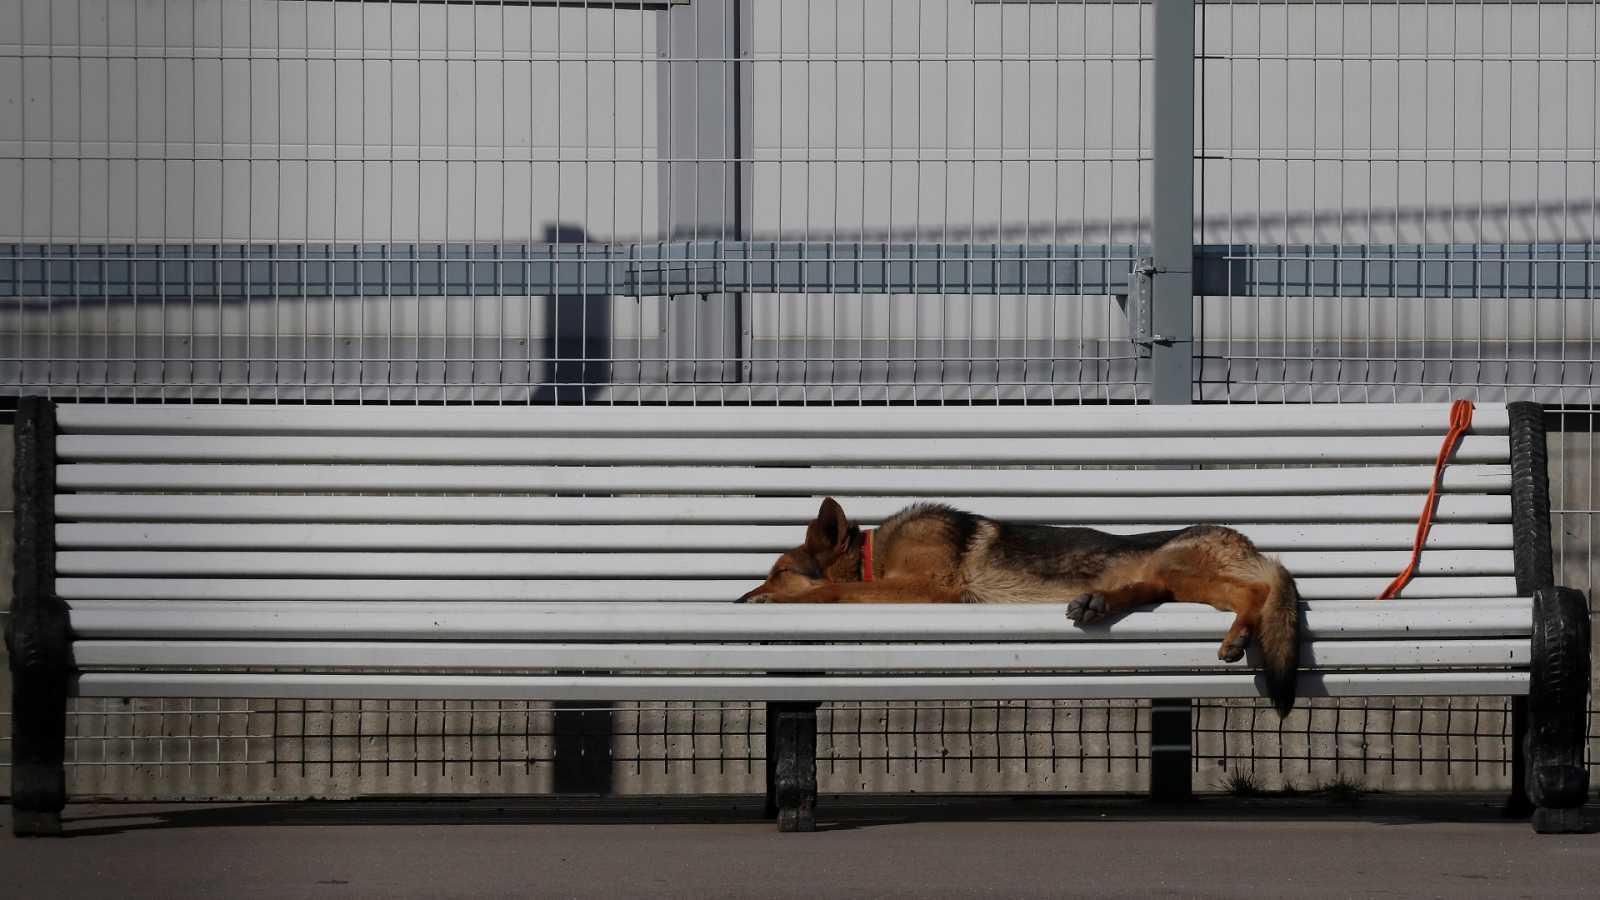 Un perro duerme en un banco